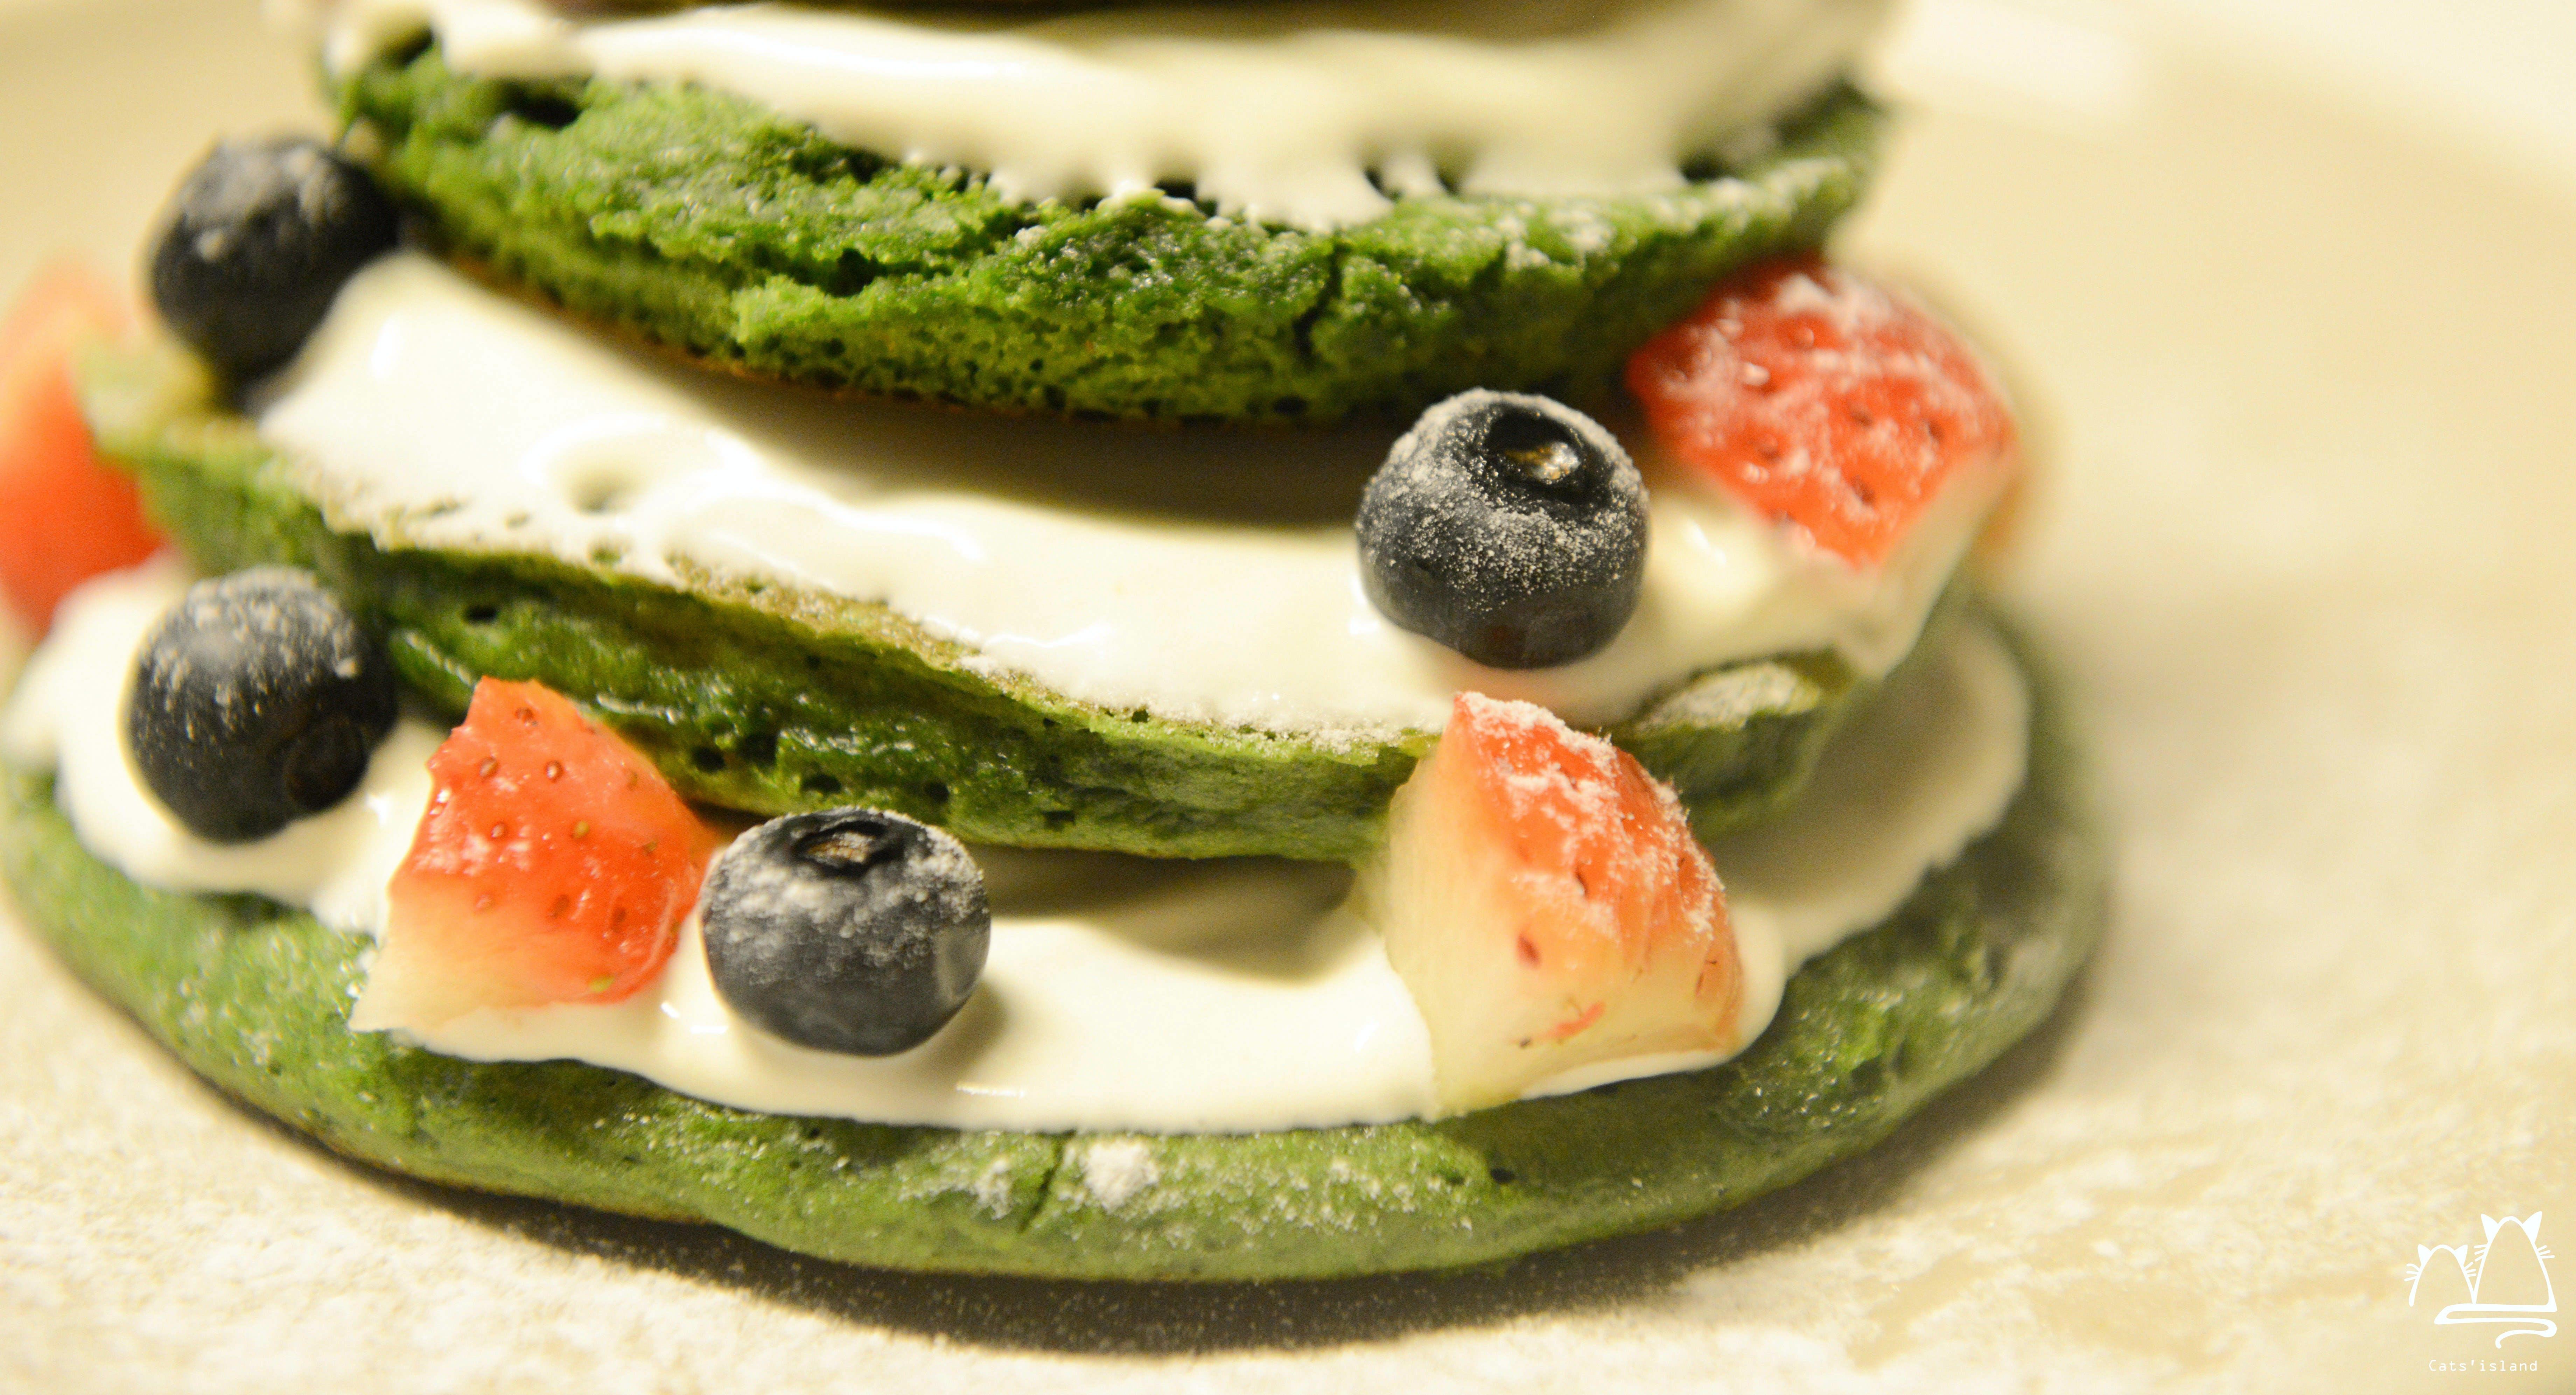 健康, 可口, 可口的, 吃得健康 的 免费素材照片